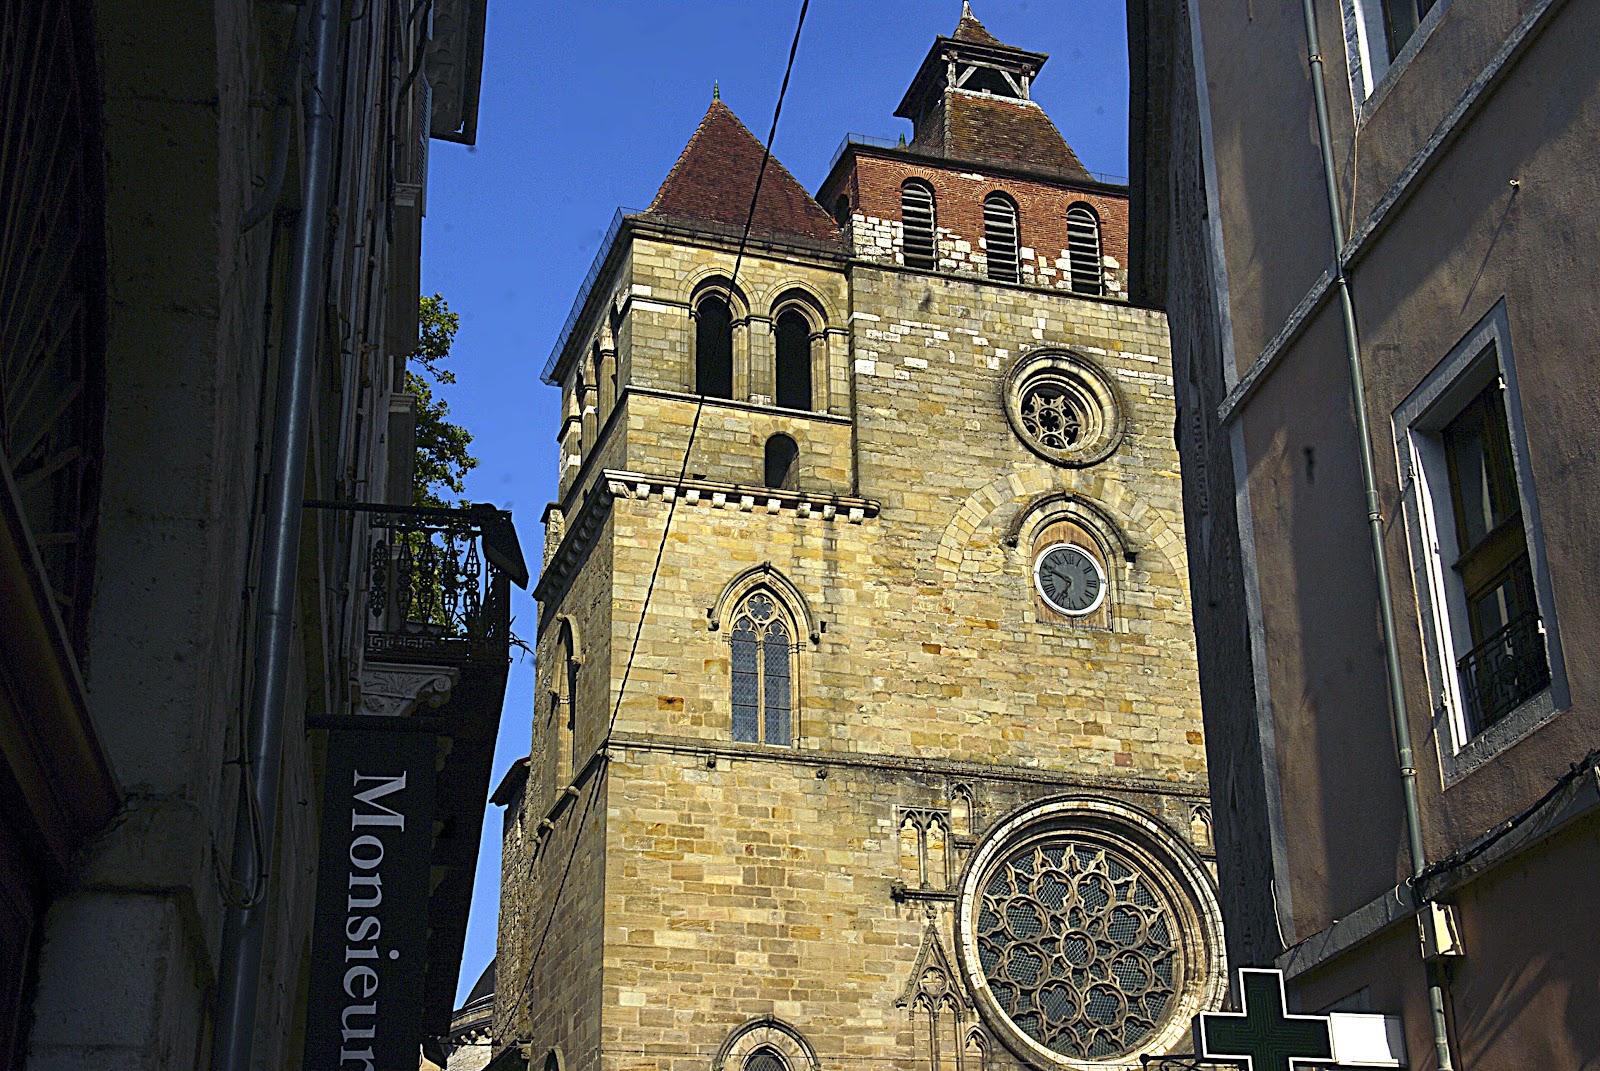 Cahors cath drale saint etienne art roman corse provence midi pyr n es - Cathedrale saint etienne de cahors ...